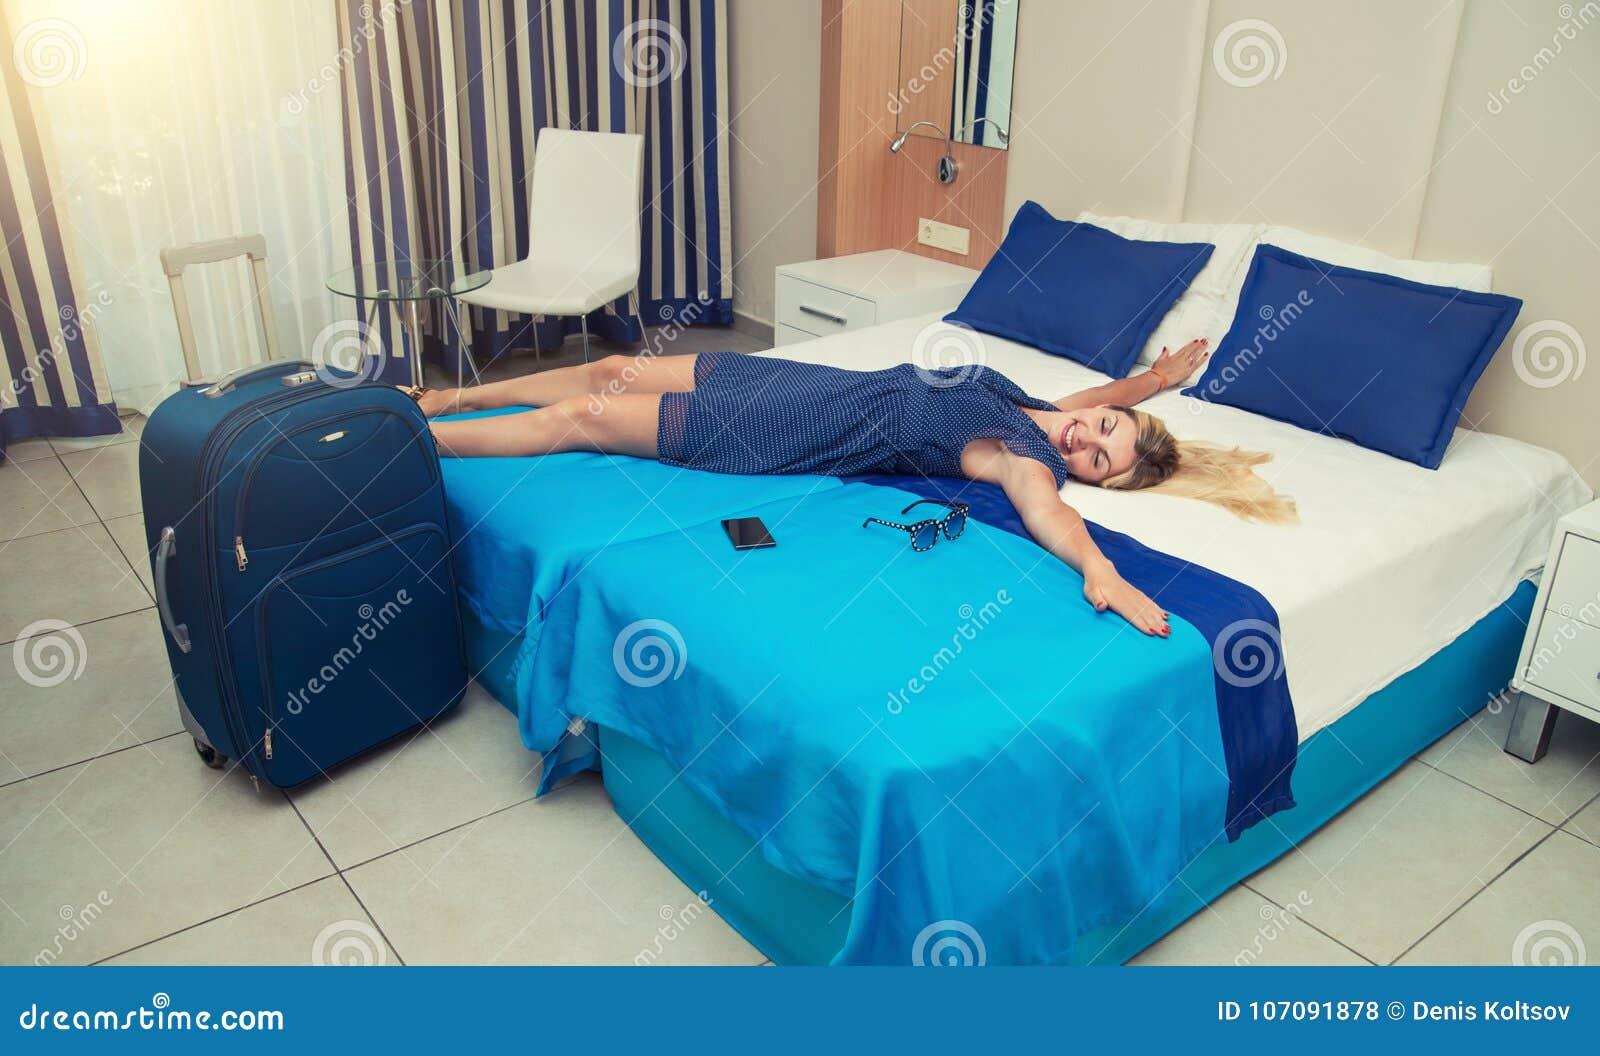 Junge Frau liegt und hat einen Rest auf dem Bett im Hotelzimmer